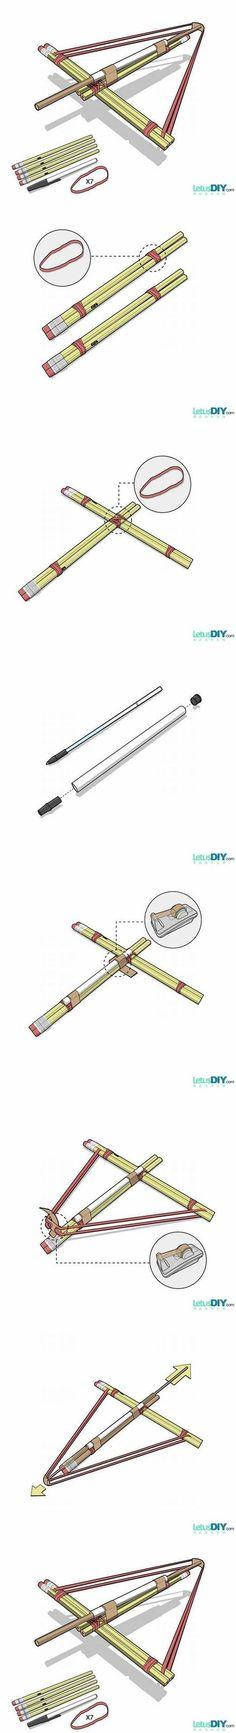 DIY Pencil Bows Internet Tutorial                                                                                                                                                                                 More